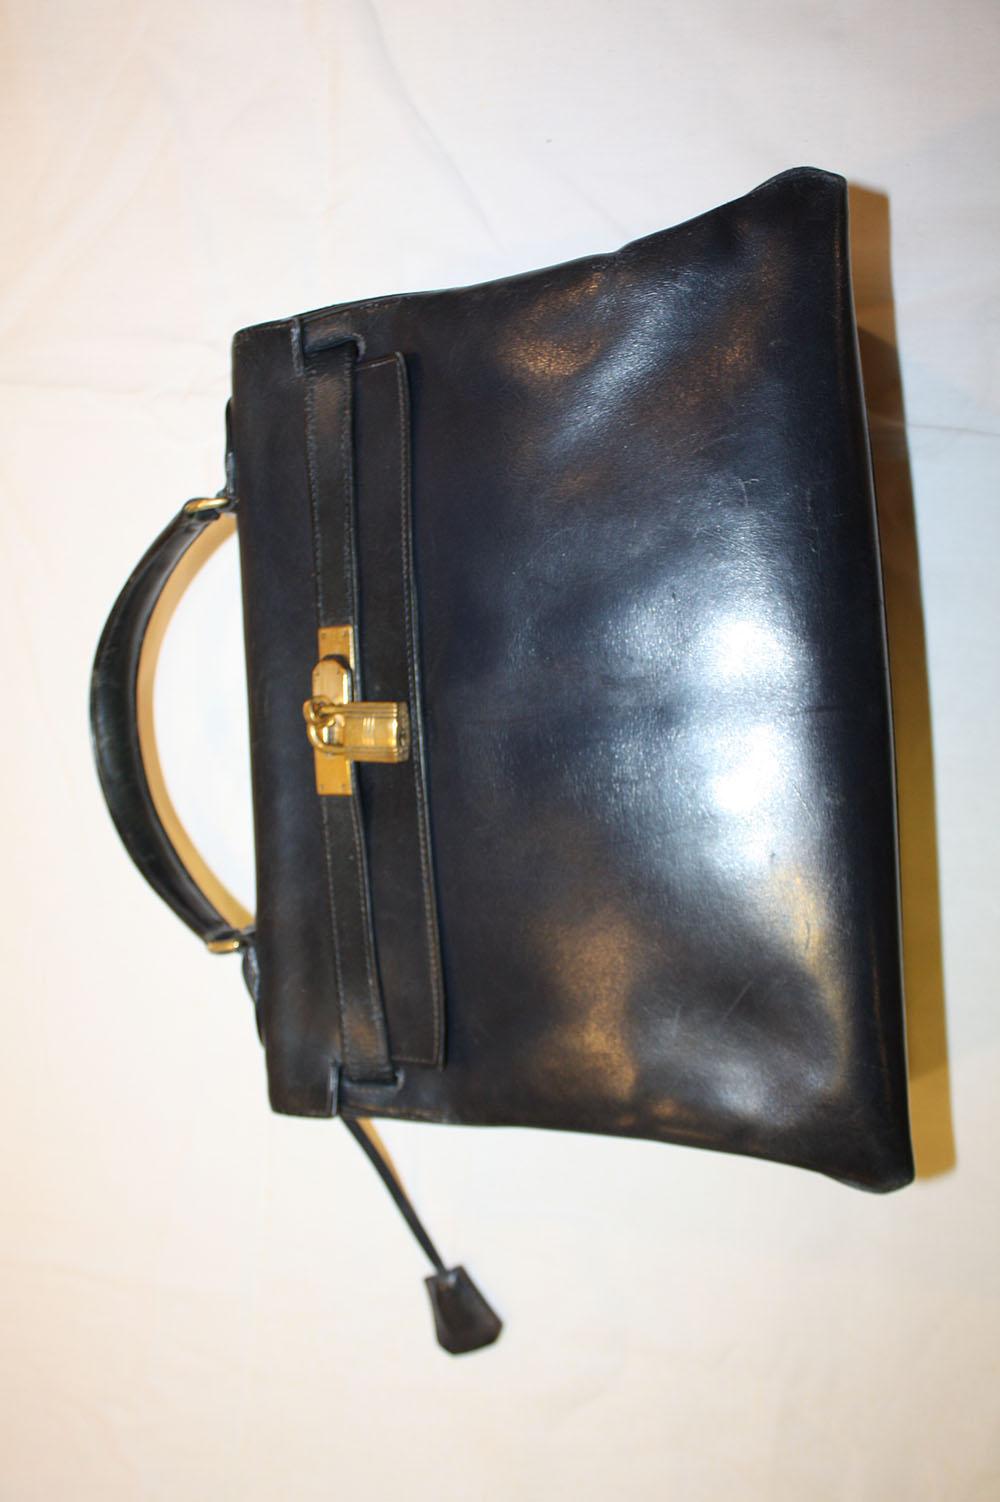 HERMES- Sac modèle Kelly en box noir, 35 cm, accastillage en métal doré,  clefs, cadenas et clochette. Etat d usage. 73c6aaf65d9